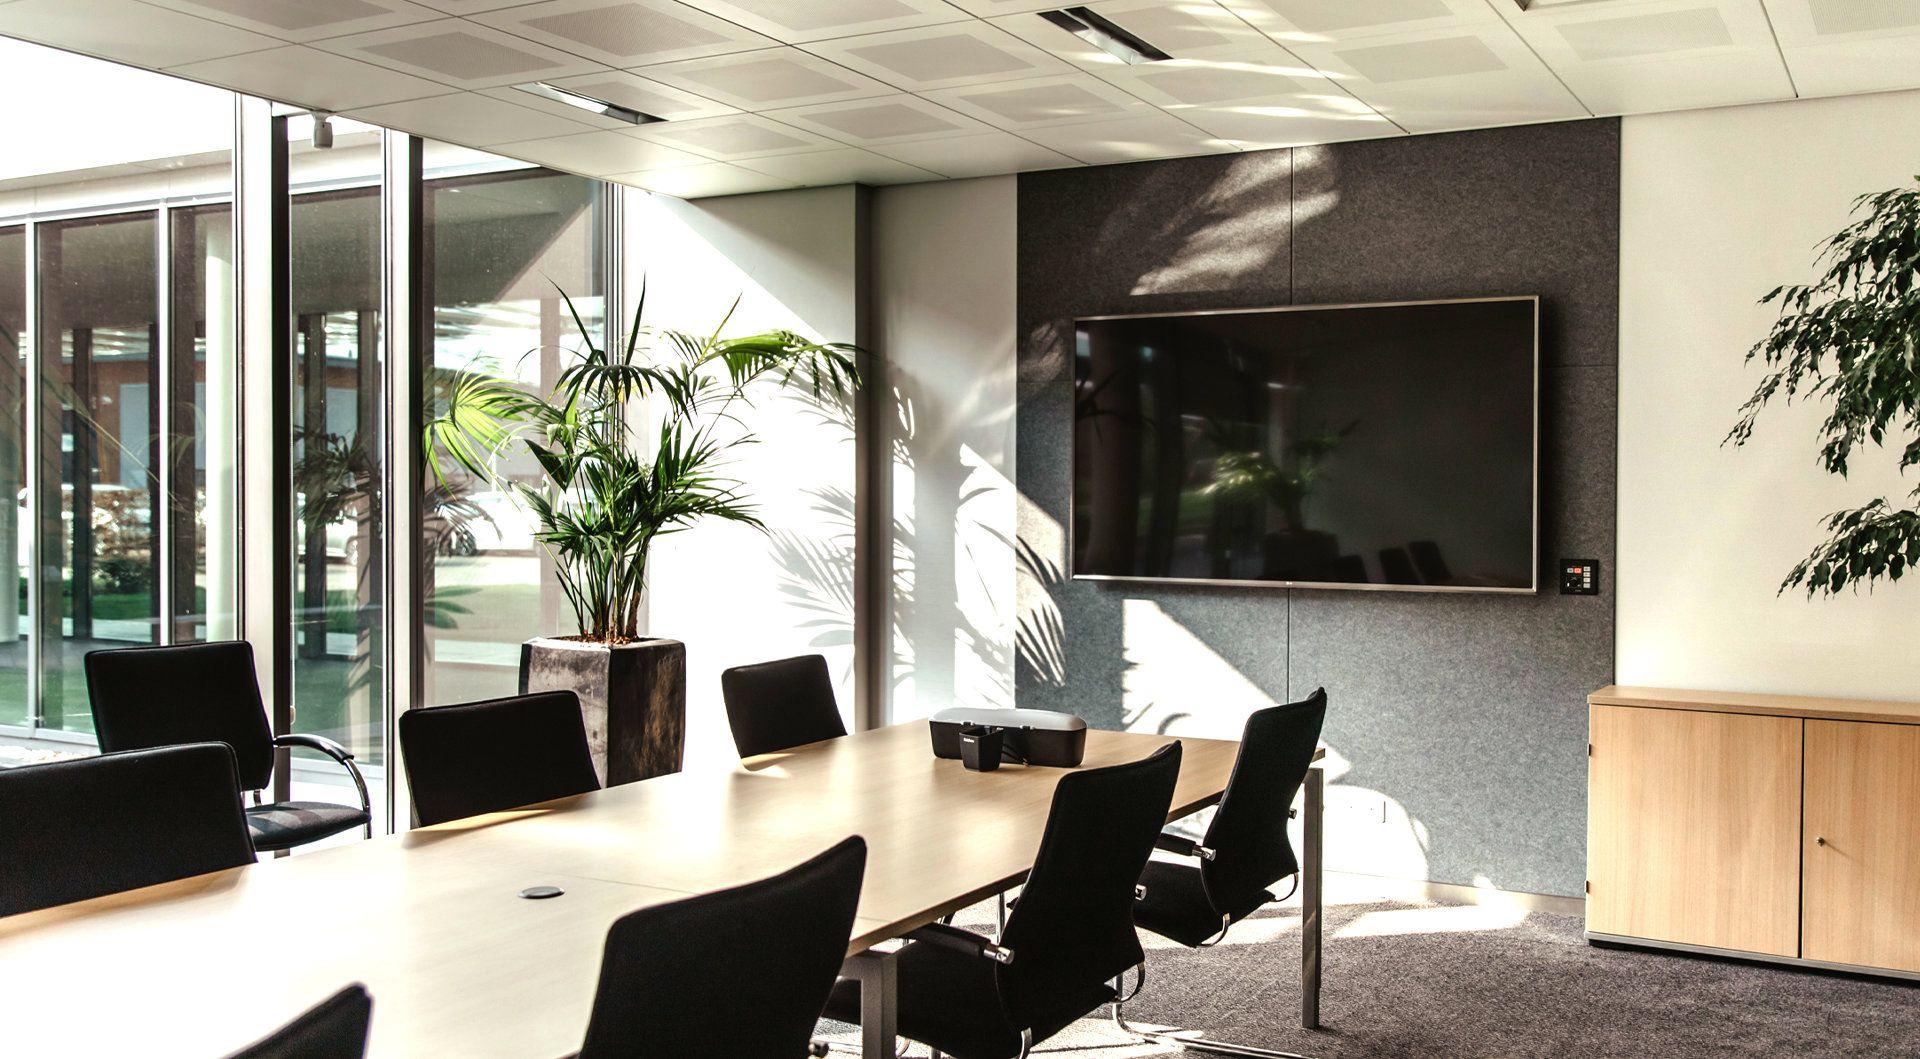 """Projecta Compact Electrol 200 x 129 cm, 16:10 projectiescherm 2,24 m (88.2"""") - Case studie de vries"""